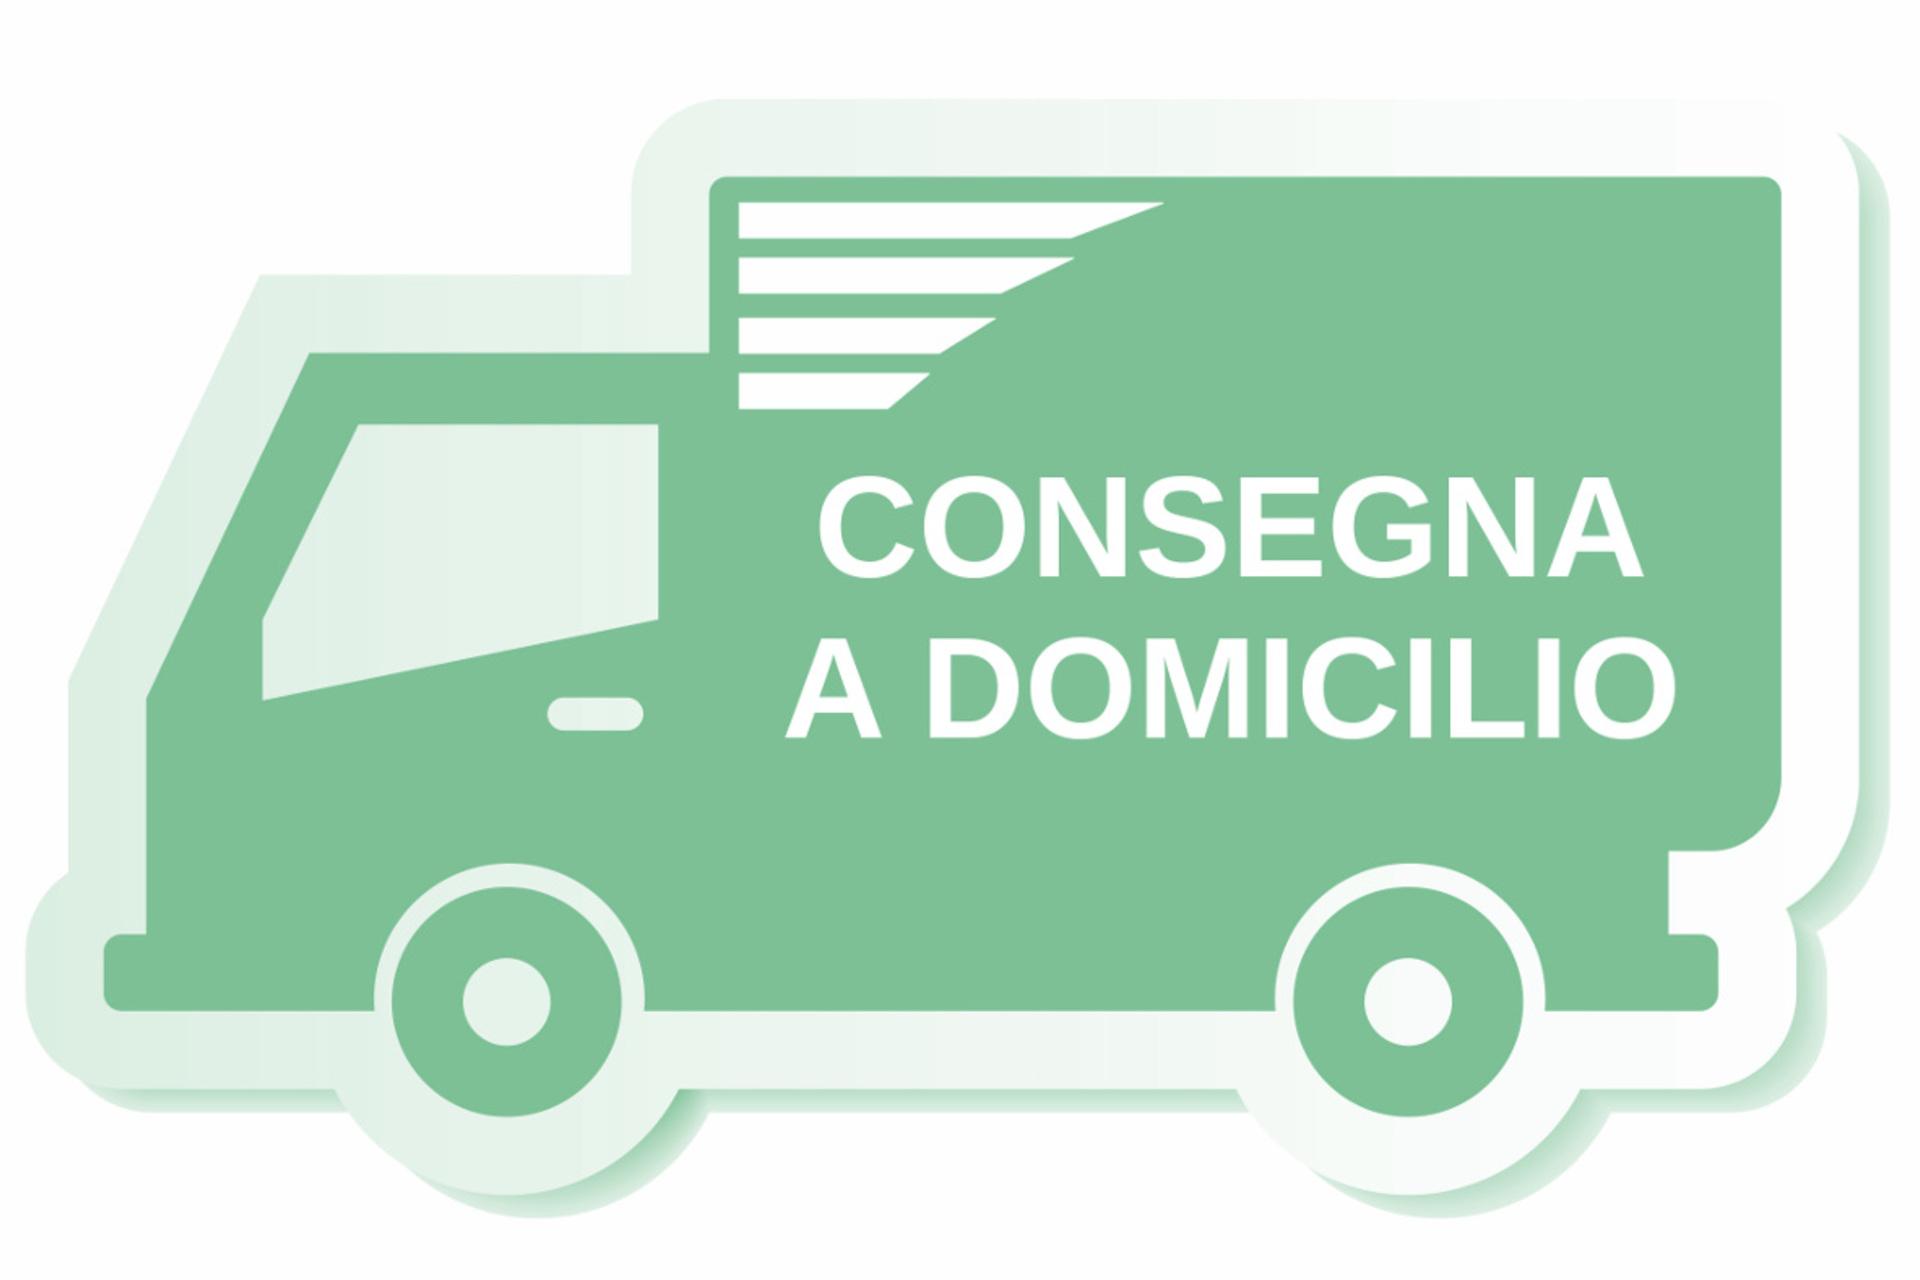 Elenco attività commerciali che effettuano consegna a domicilio gratuita a Torremaggiore; RESTATE A CASA